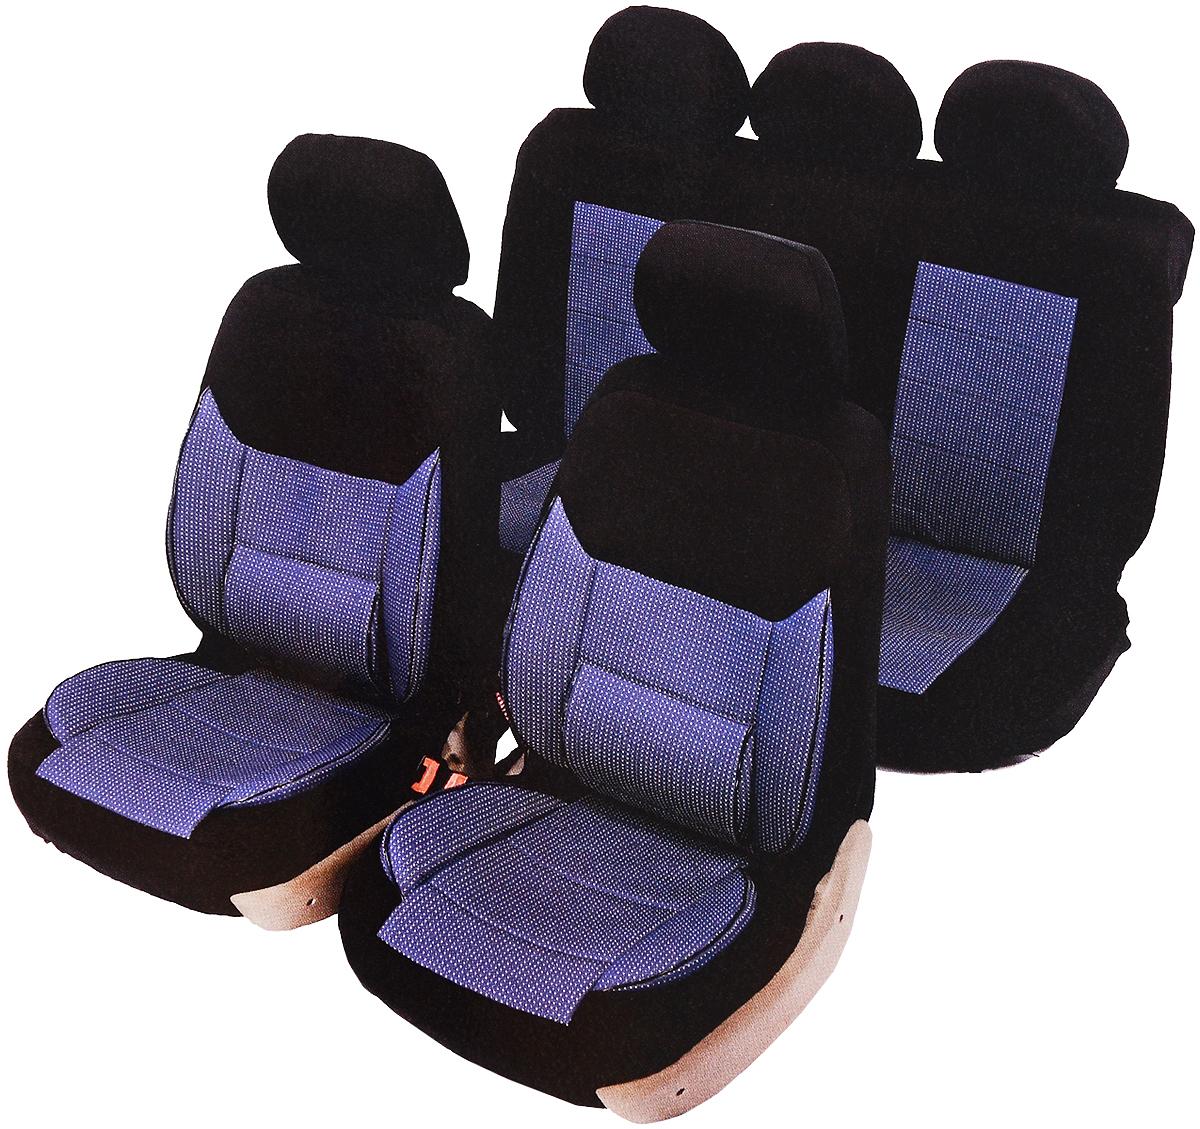 Чехлы автомобильные Senator California, универсальные, с ортопедической поддержкой, цвет: темно-синий, 11 предметов. Размер M21395599Универсальные ортопедические чехлы Senator California выполнены из сверхпрочного жаккарда. Применимы для 95% легкового автопарка РФ. Благодаря особому крою типа В чехлы идеально облегают сидения автомобиля. Специальный боковой шов позволяет применять авто чехлы в автомобилях с боковыми подушками безопасности (AIR BAG).Наличие расширенной трехуровневой поддержки создает дополнительный комфорт во время поездки. Увеличенную поясничную поддержку и удлиненную боковую поддержку спины и ног по достоинству оценят водители, проводящие за рулем длительное время.Раздельная схема надевания обеспечивает легкую установку авто чехлов. Дополнительное удобство создает наличие предустановленных крючков, утягивающего шнура, фиксирующей липучки на передних спинках, а также предустановленной прорези для установки подголовника. Материал триплирован огнеупорным поролоном 5 мм, за счет чего чехол приобретает дополнительную мягкость и устойчивость к возгоранию.Авточехлы Senator California износоустойчивы и легко стираются в стиральной машине.